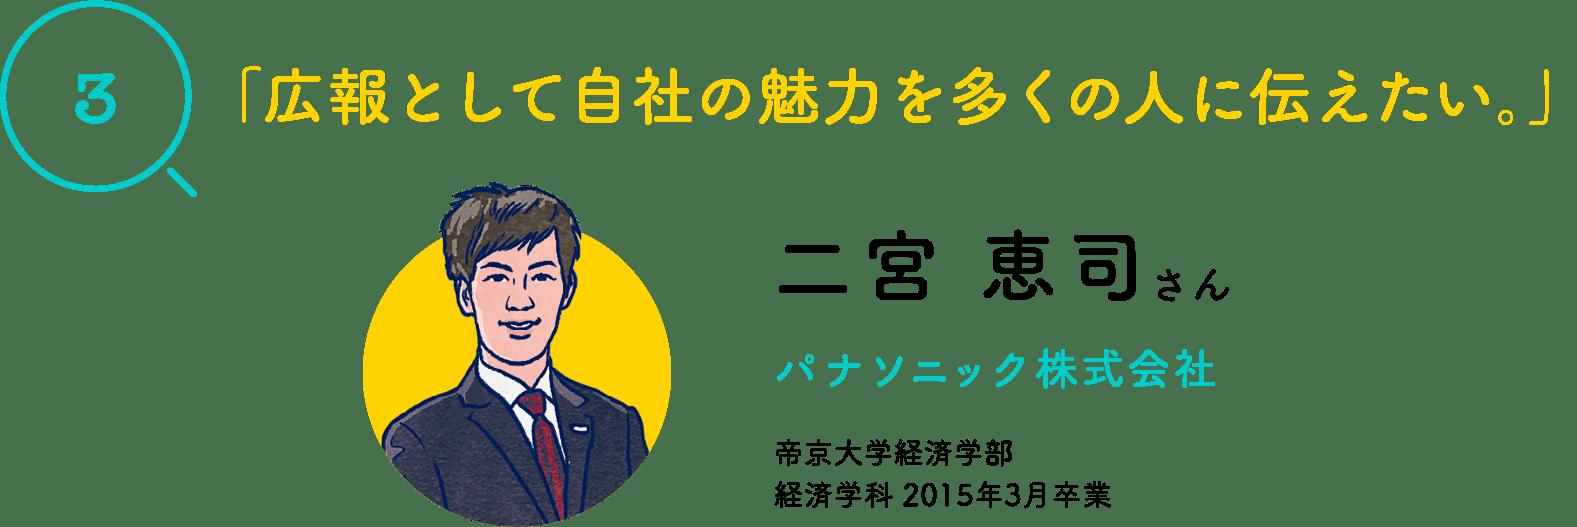 「3」「広報として自社の魅力を多くの人に伝えたい。」二宮 恵司さん パナソニック株式会社 帝京大学経済学部 経済学科 2015年3月卒業